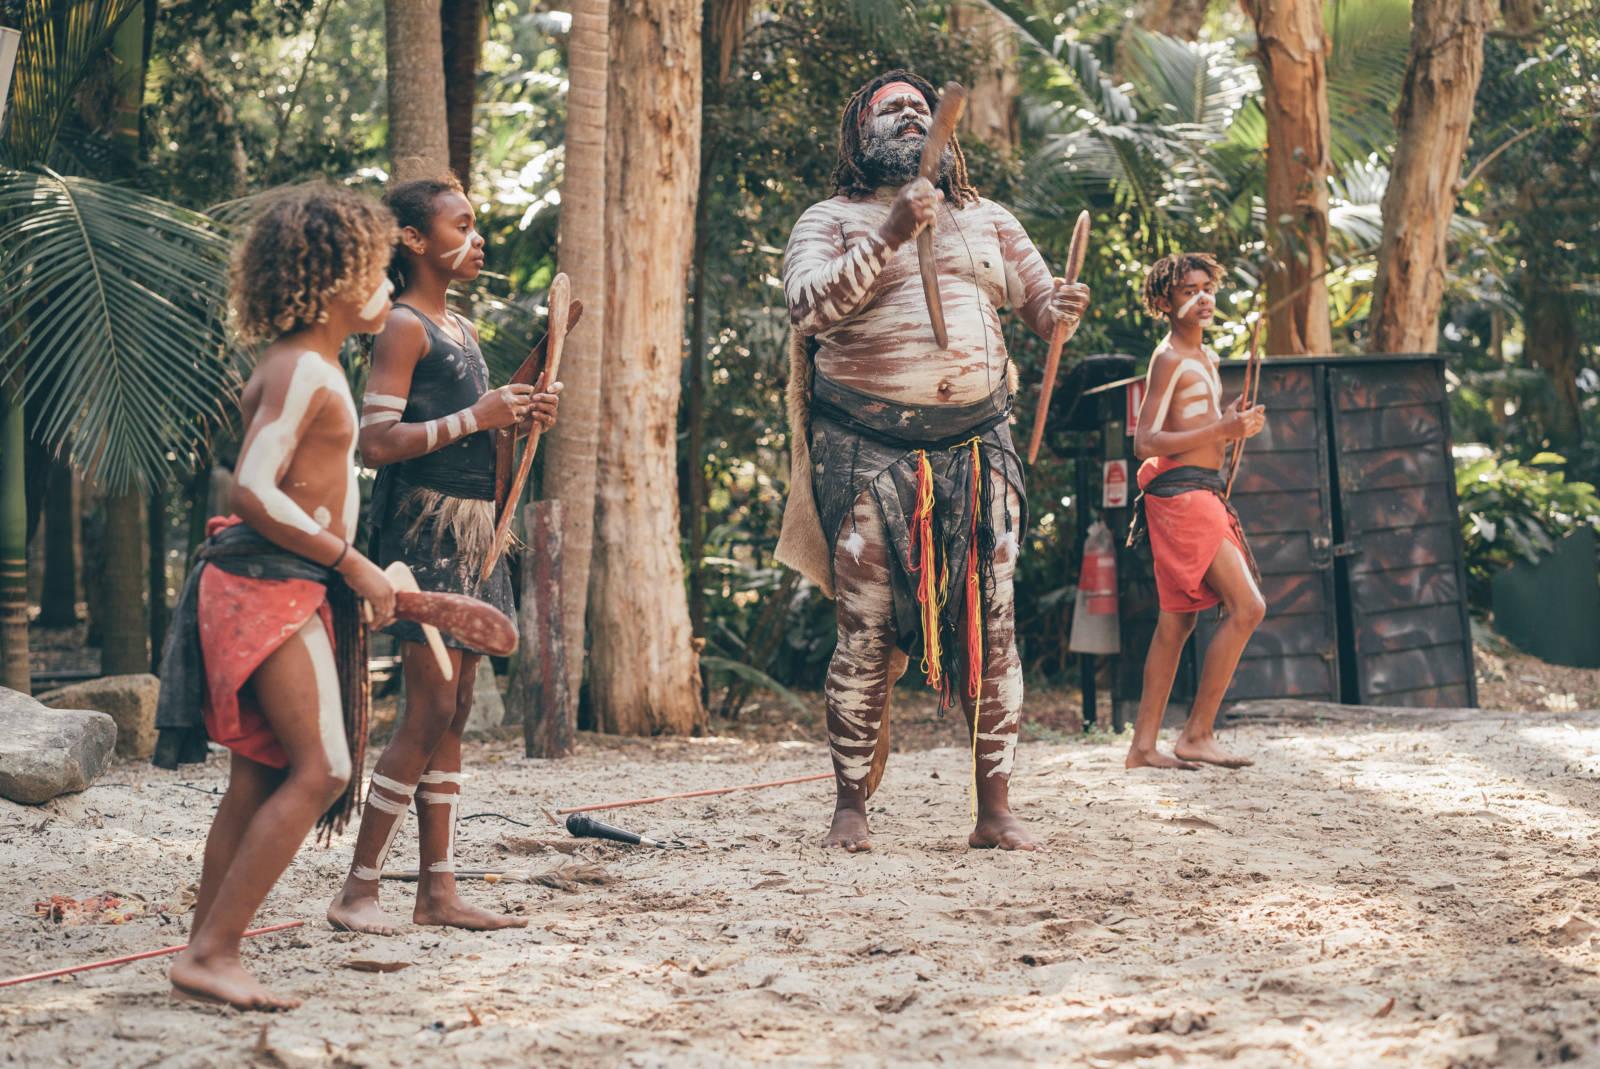 Aboriginal Performance Australia